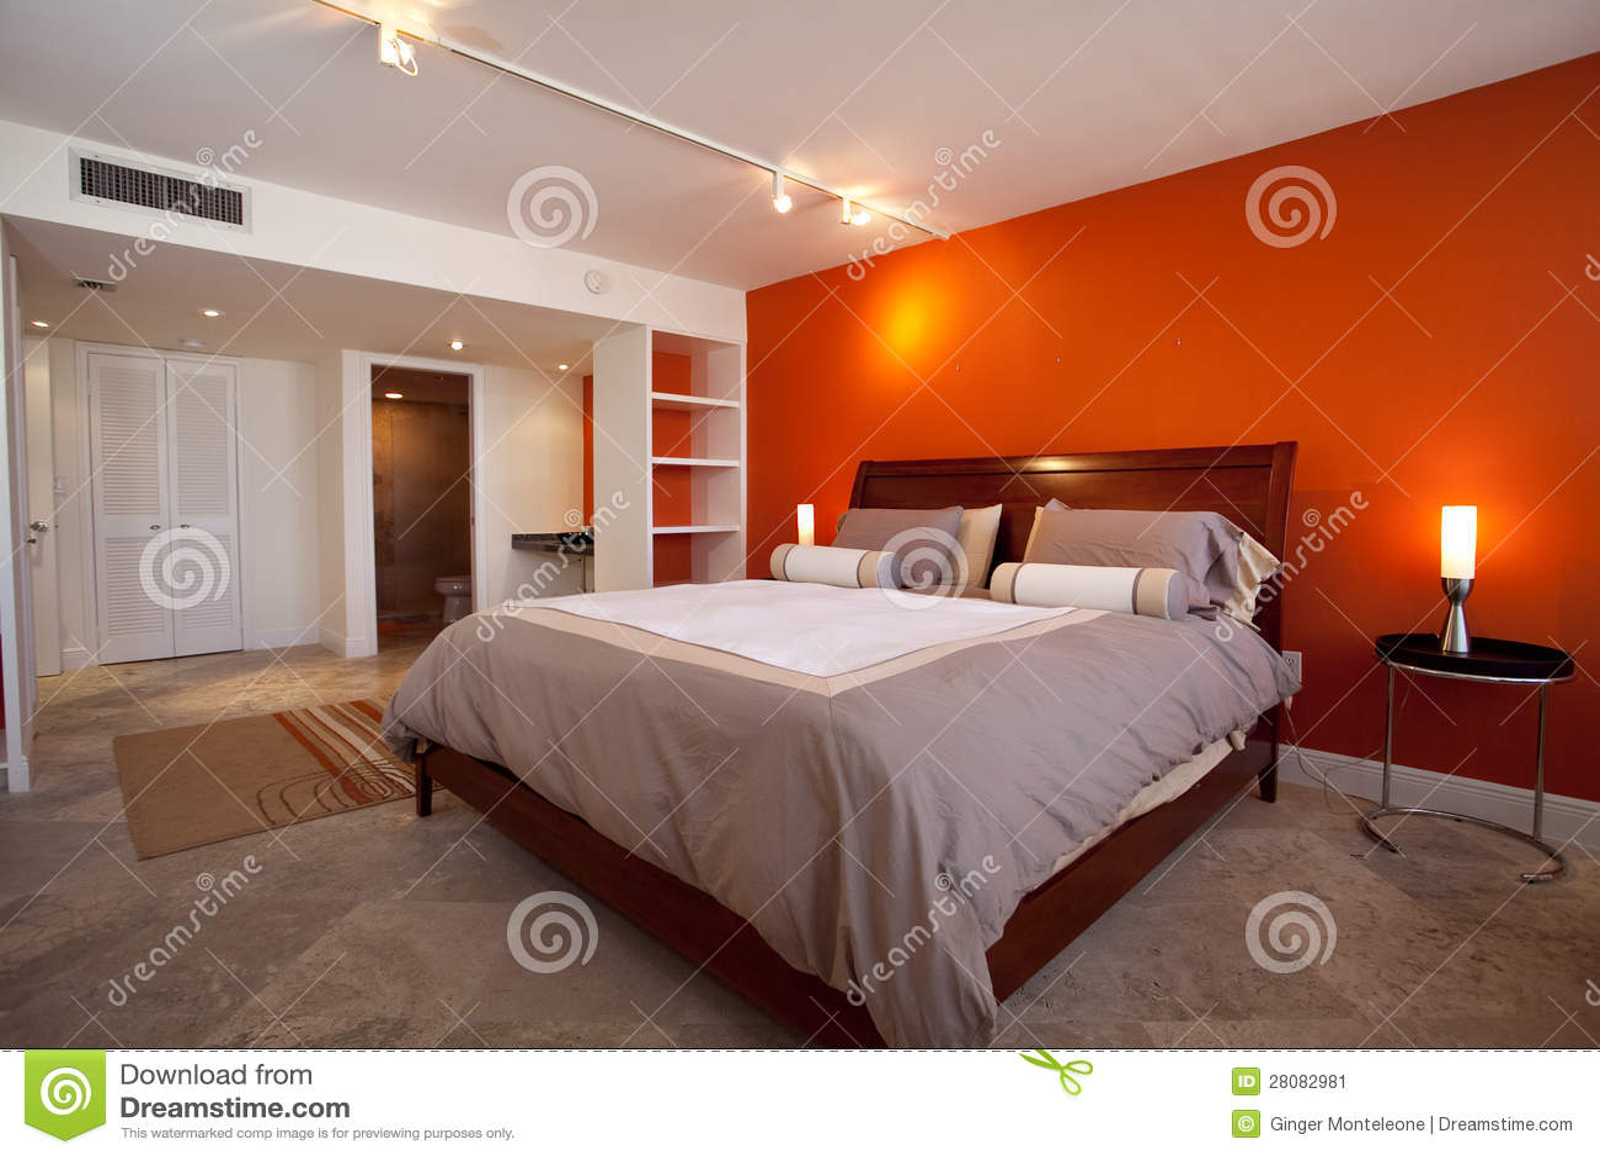 Chambre Coucher Avec Le Mur Orange Image Stock Image